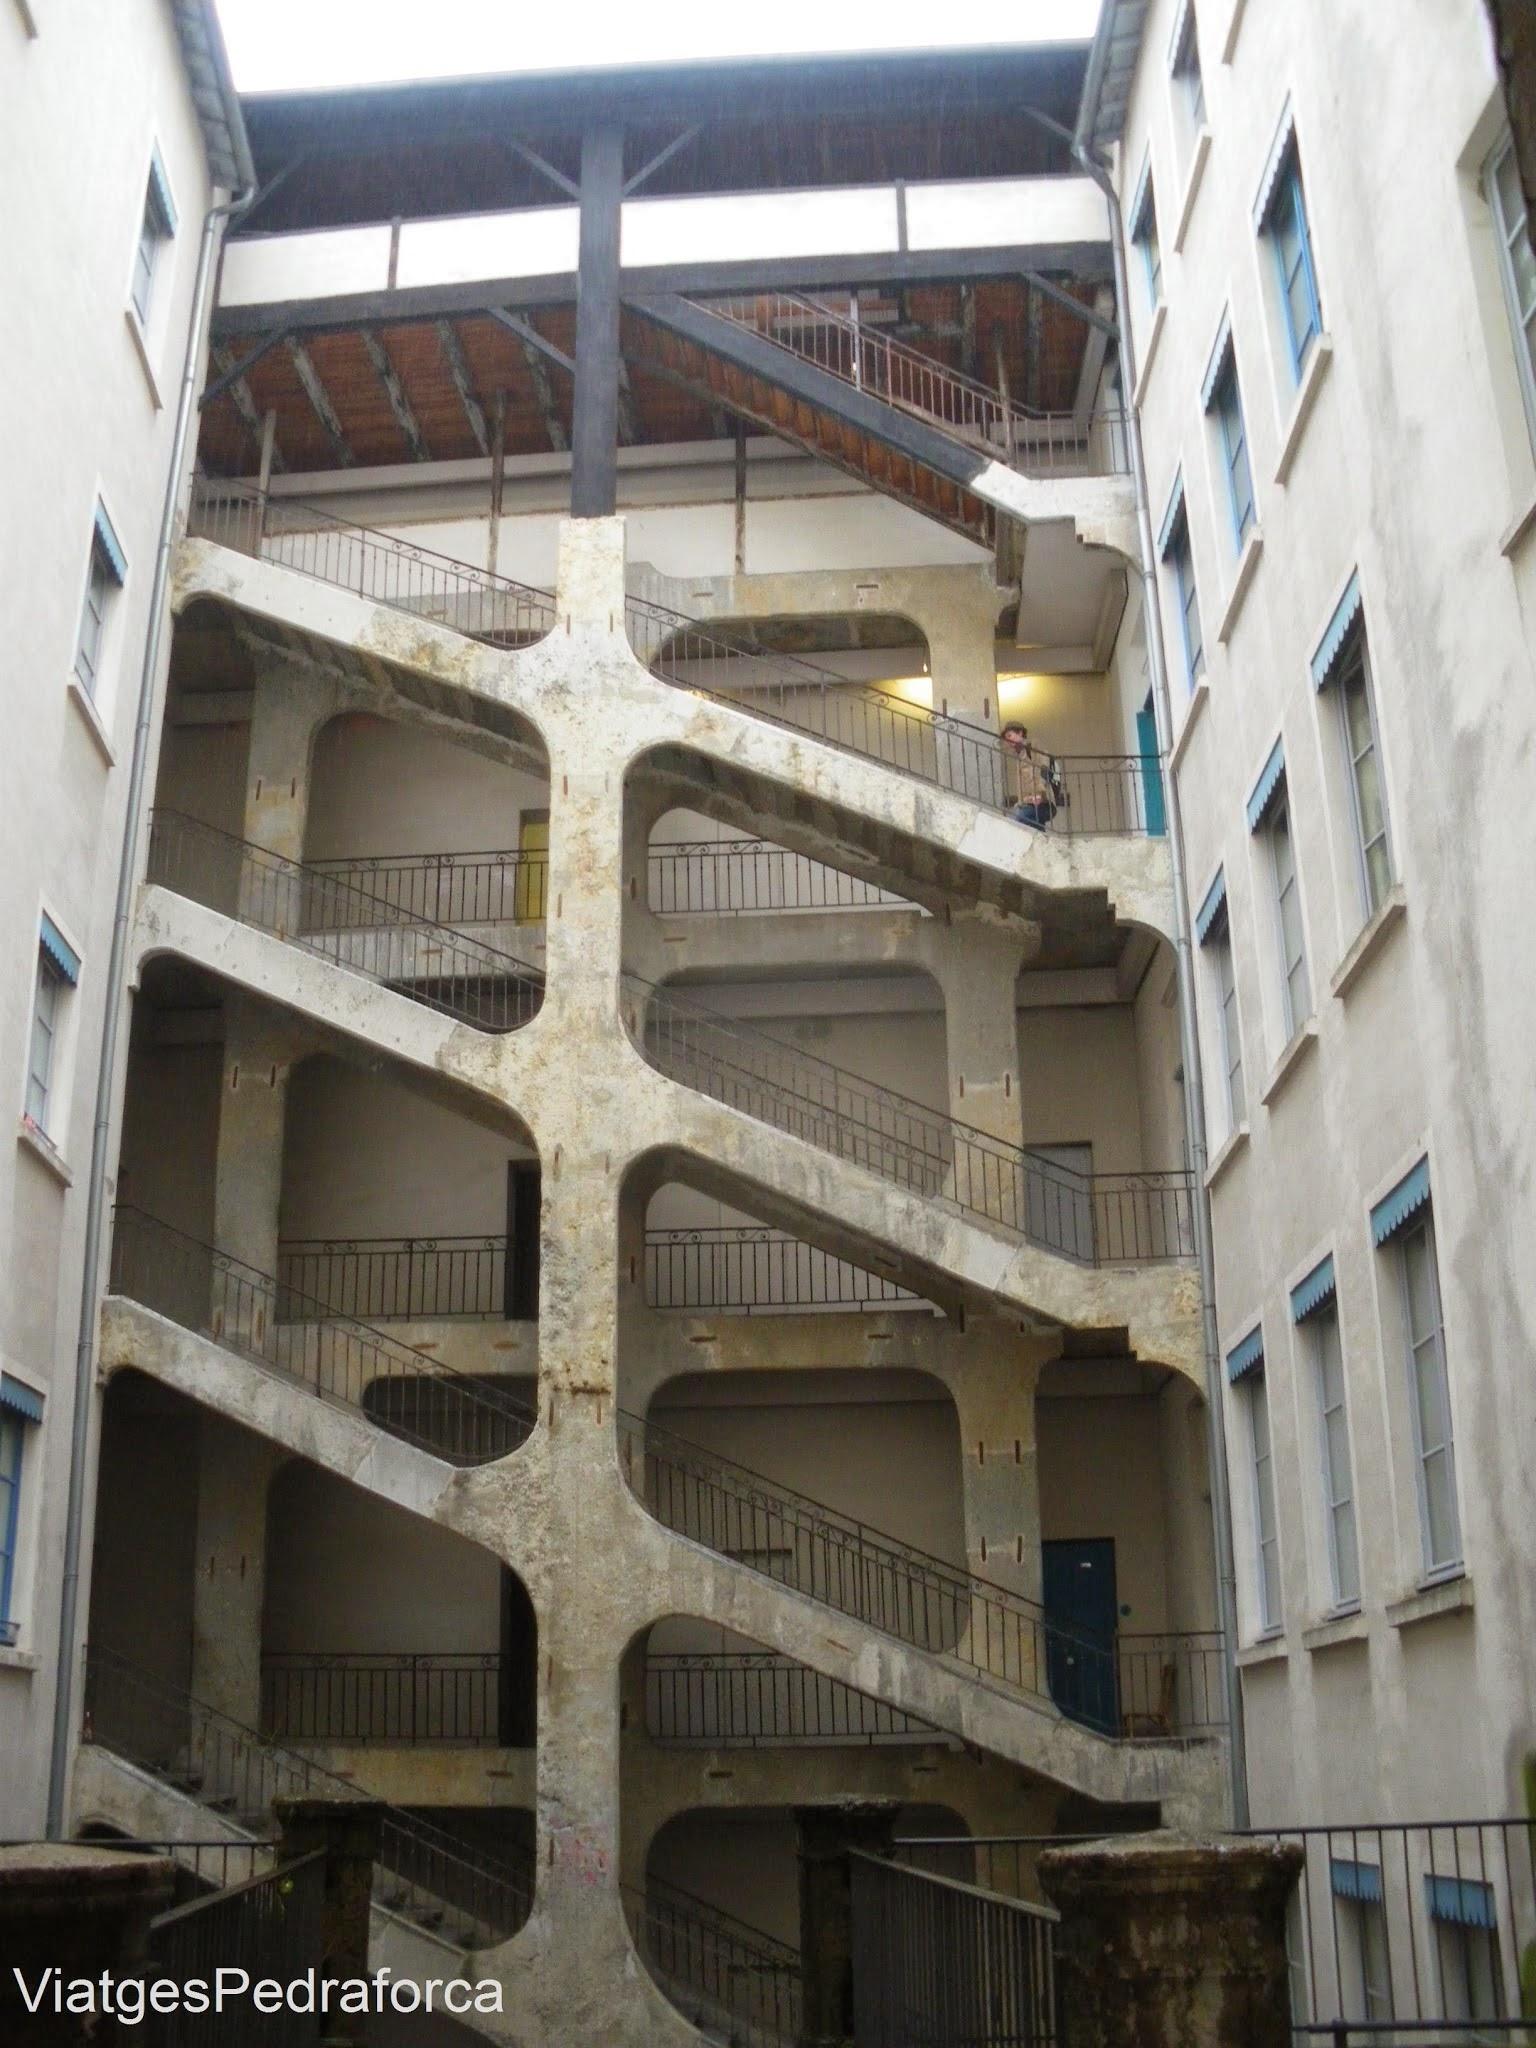 Traboule de la Place Colbert 9, Croix-Rousse, Lyon, Lió, Rhône, Rhône-Alpes, França, France